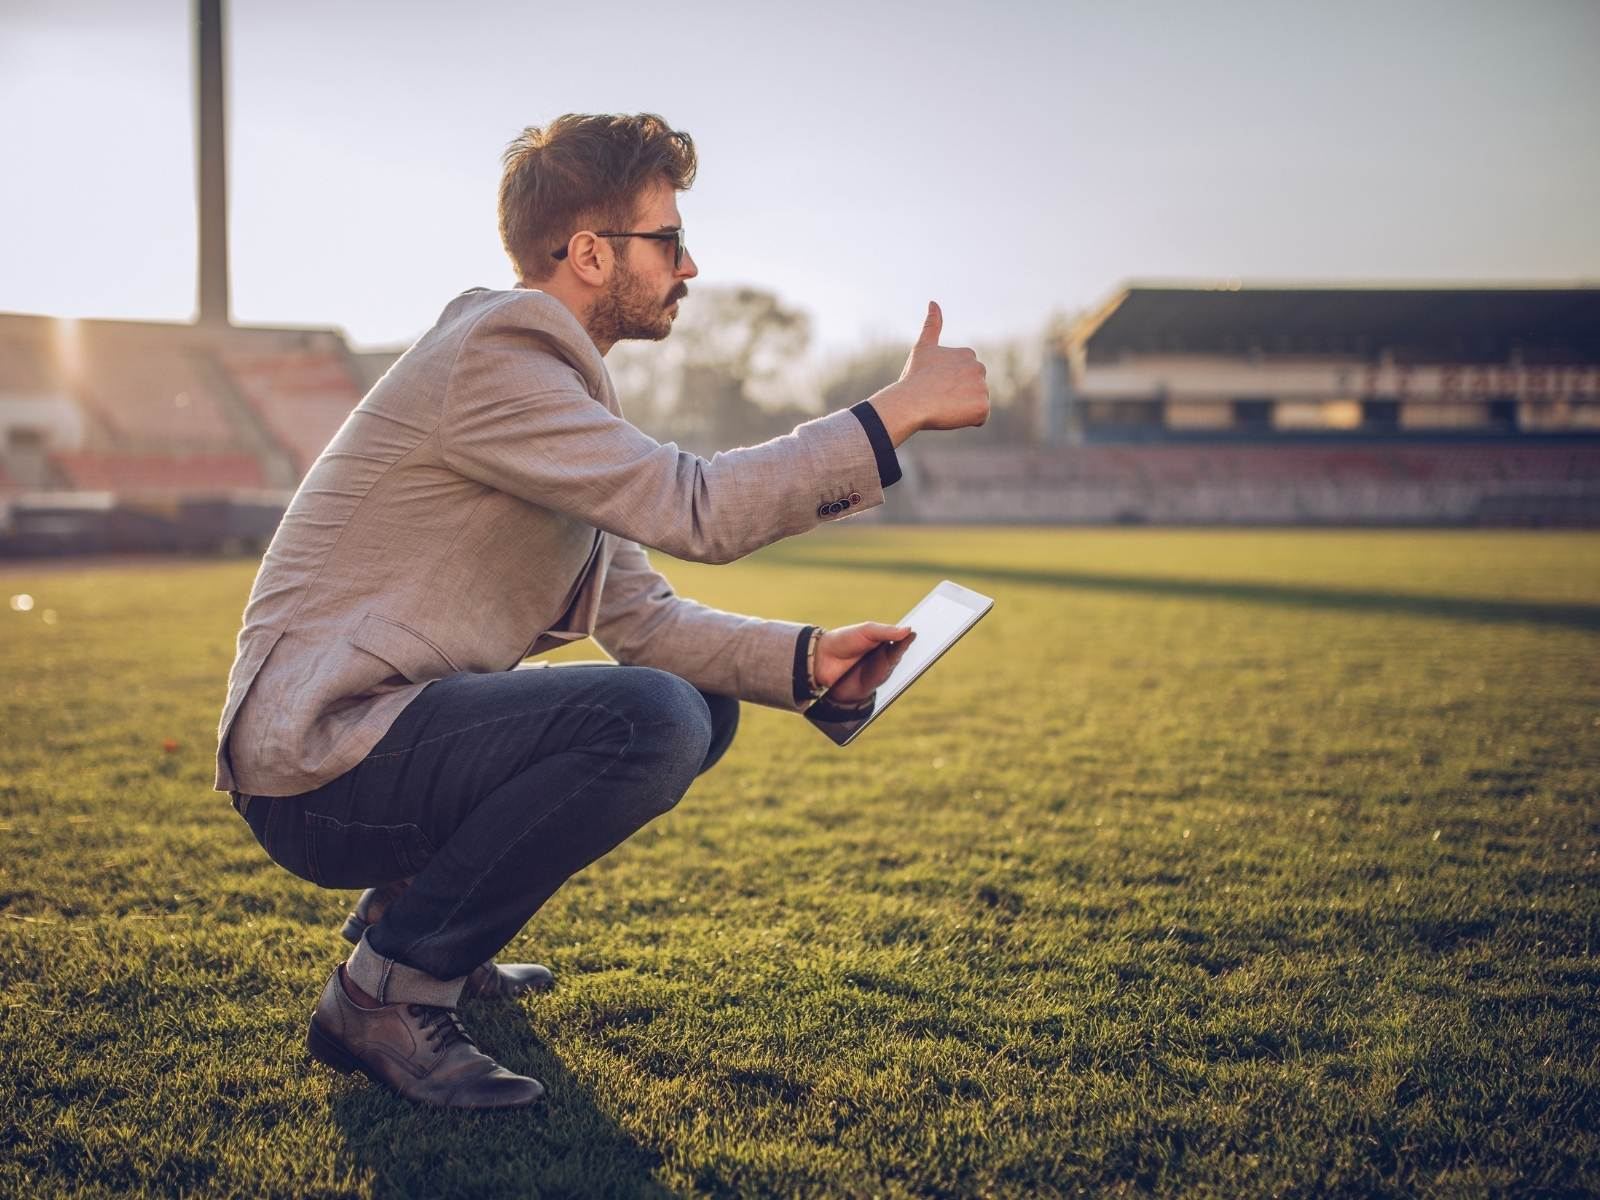 Estudiar gestió esportiva genera grans oportunitats de feina